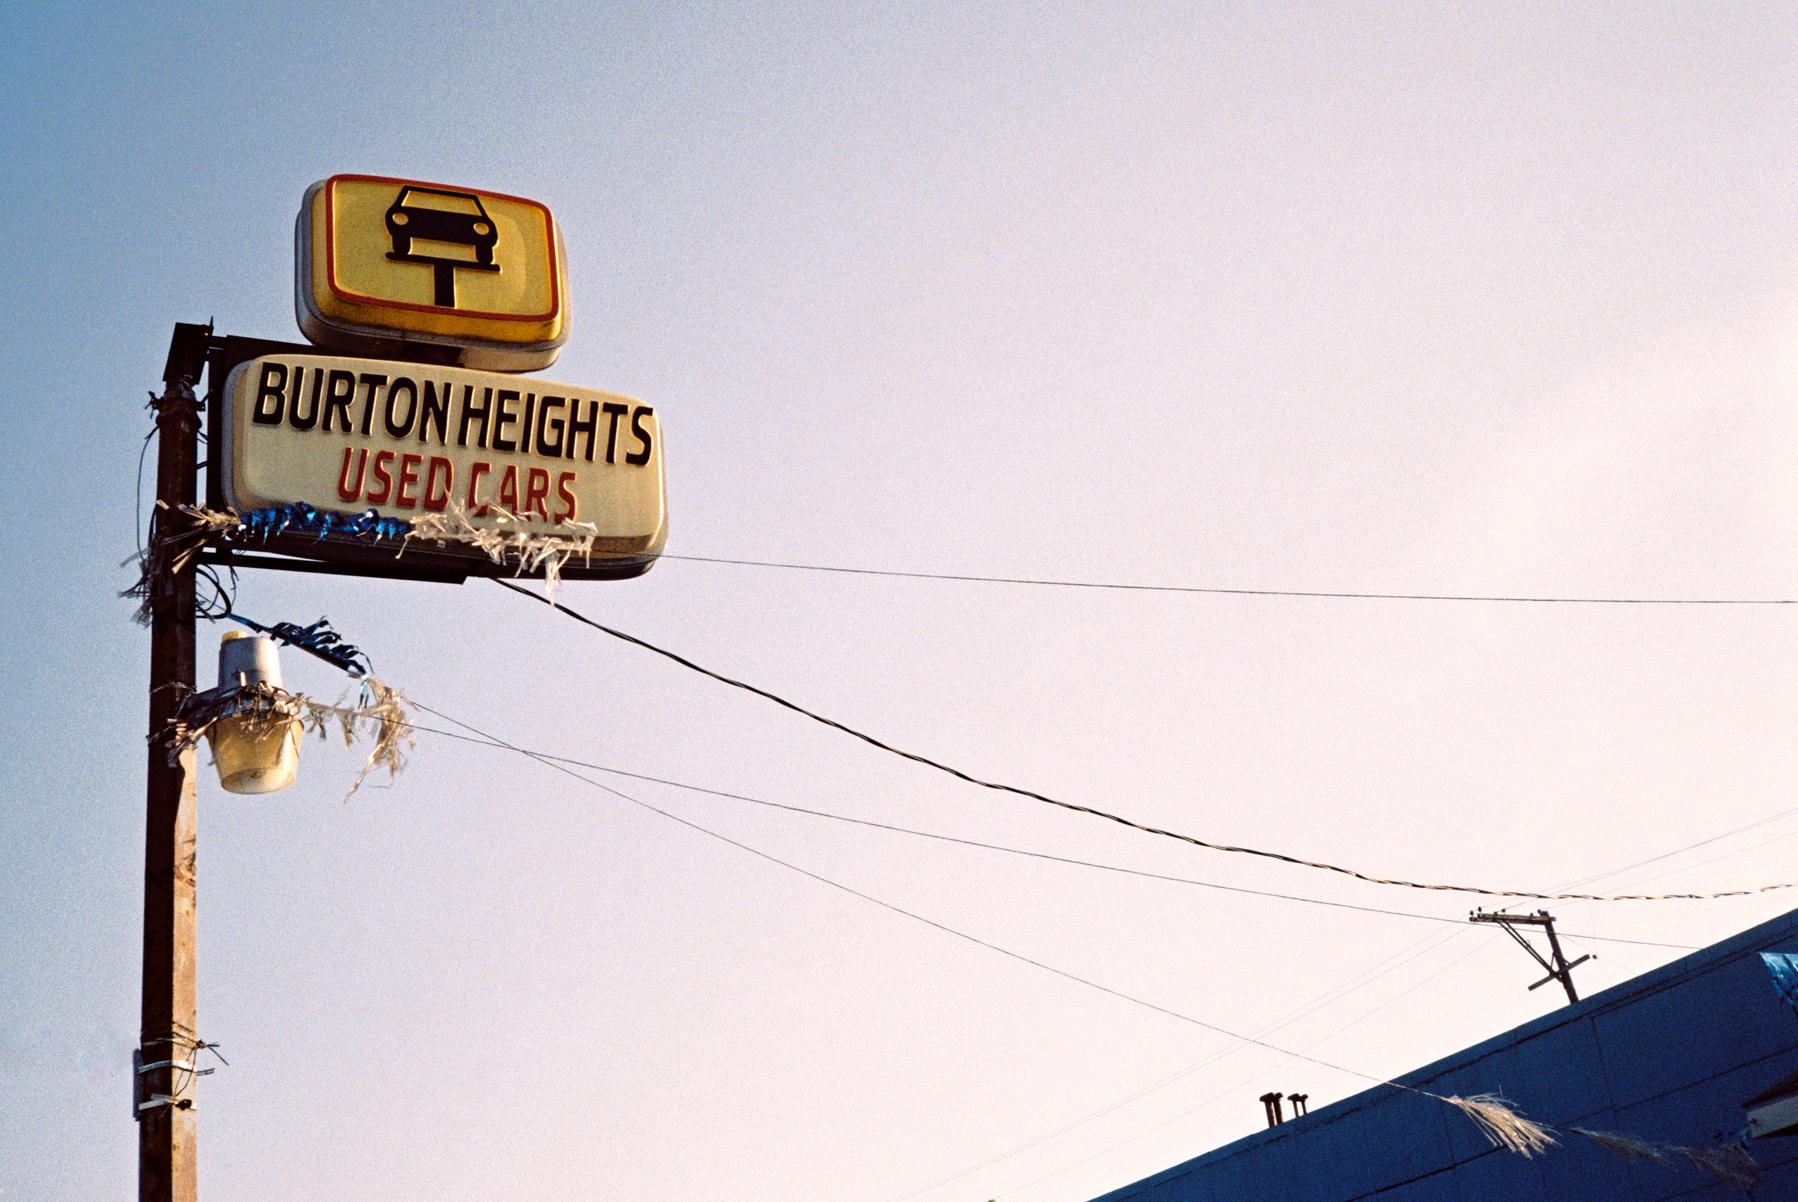 Burton Heights Used Cars  | バートンハイツ中古車